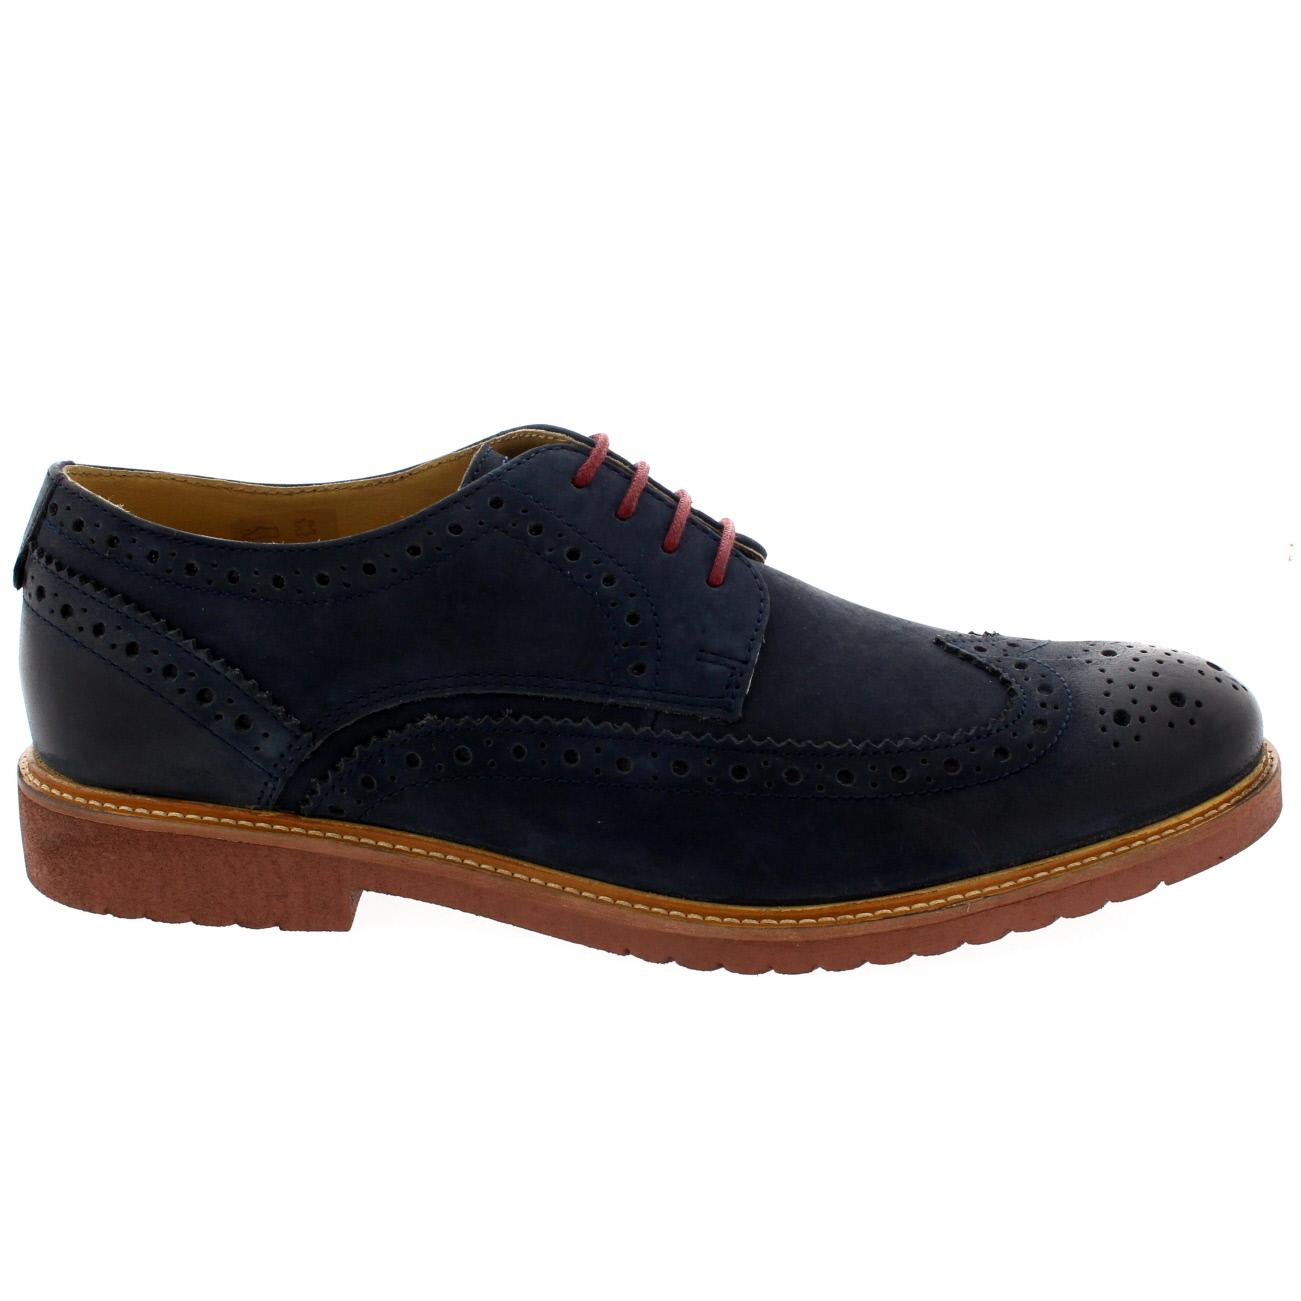 Chaussures-11 En Cuir Bleu Marine Noisette Ikon Mens Richelieu Formelle Occasionnels jeu bonne vente vgpmYo